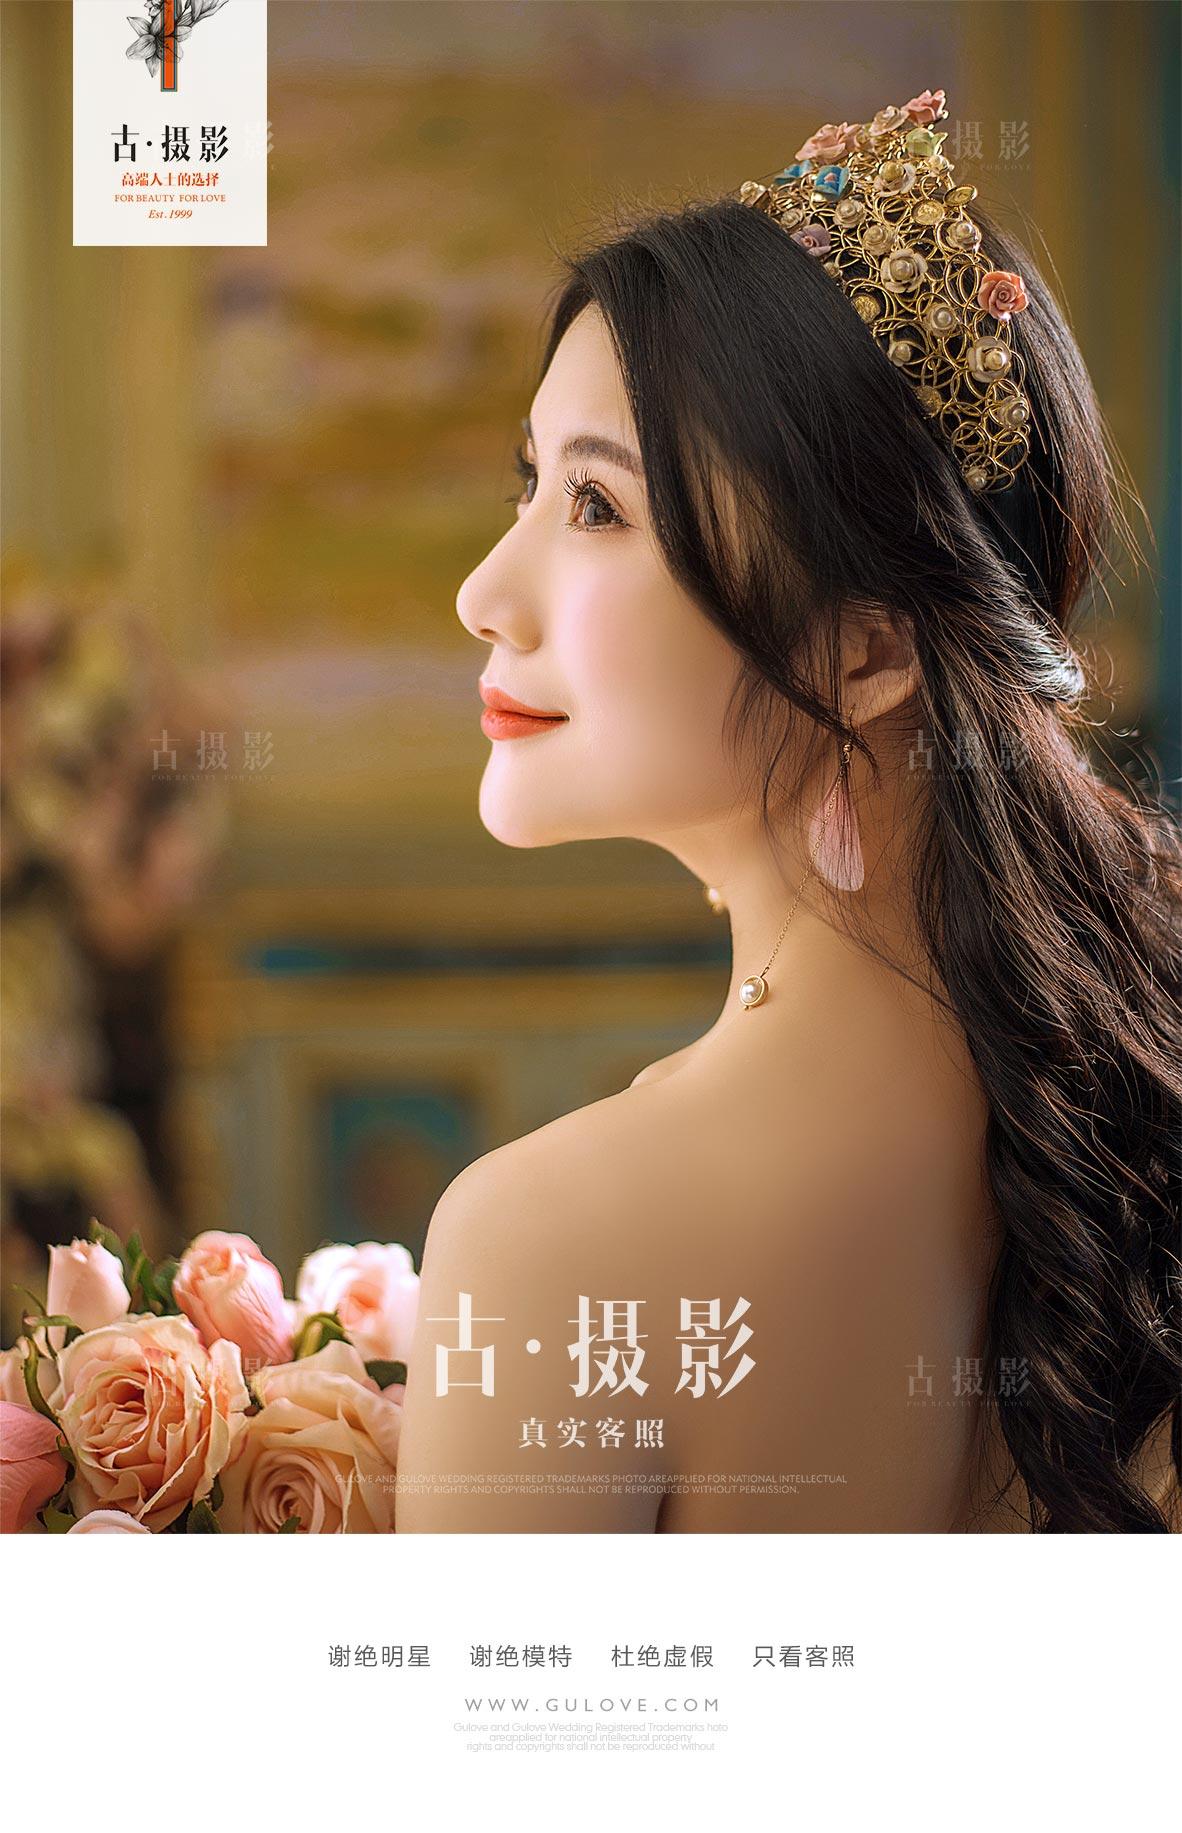 2月客照第二季 - 月度客照 - 古摄影婚纱艺术-古摄影成都婚纱摄影艺术摄影网